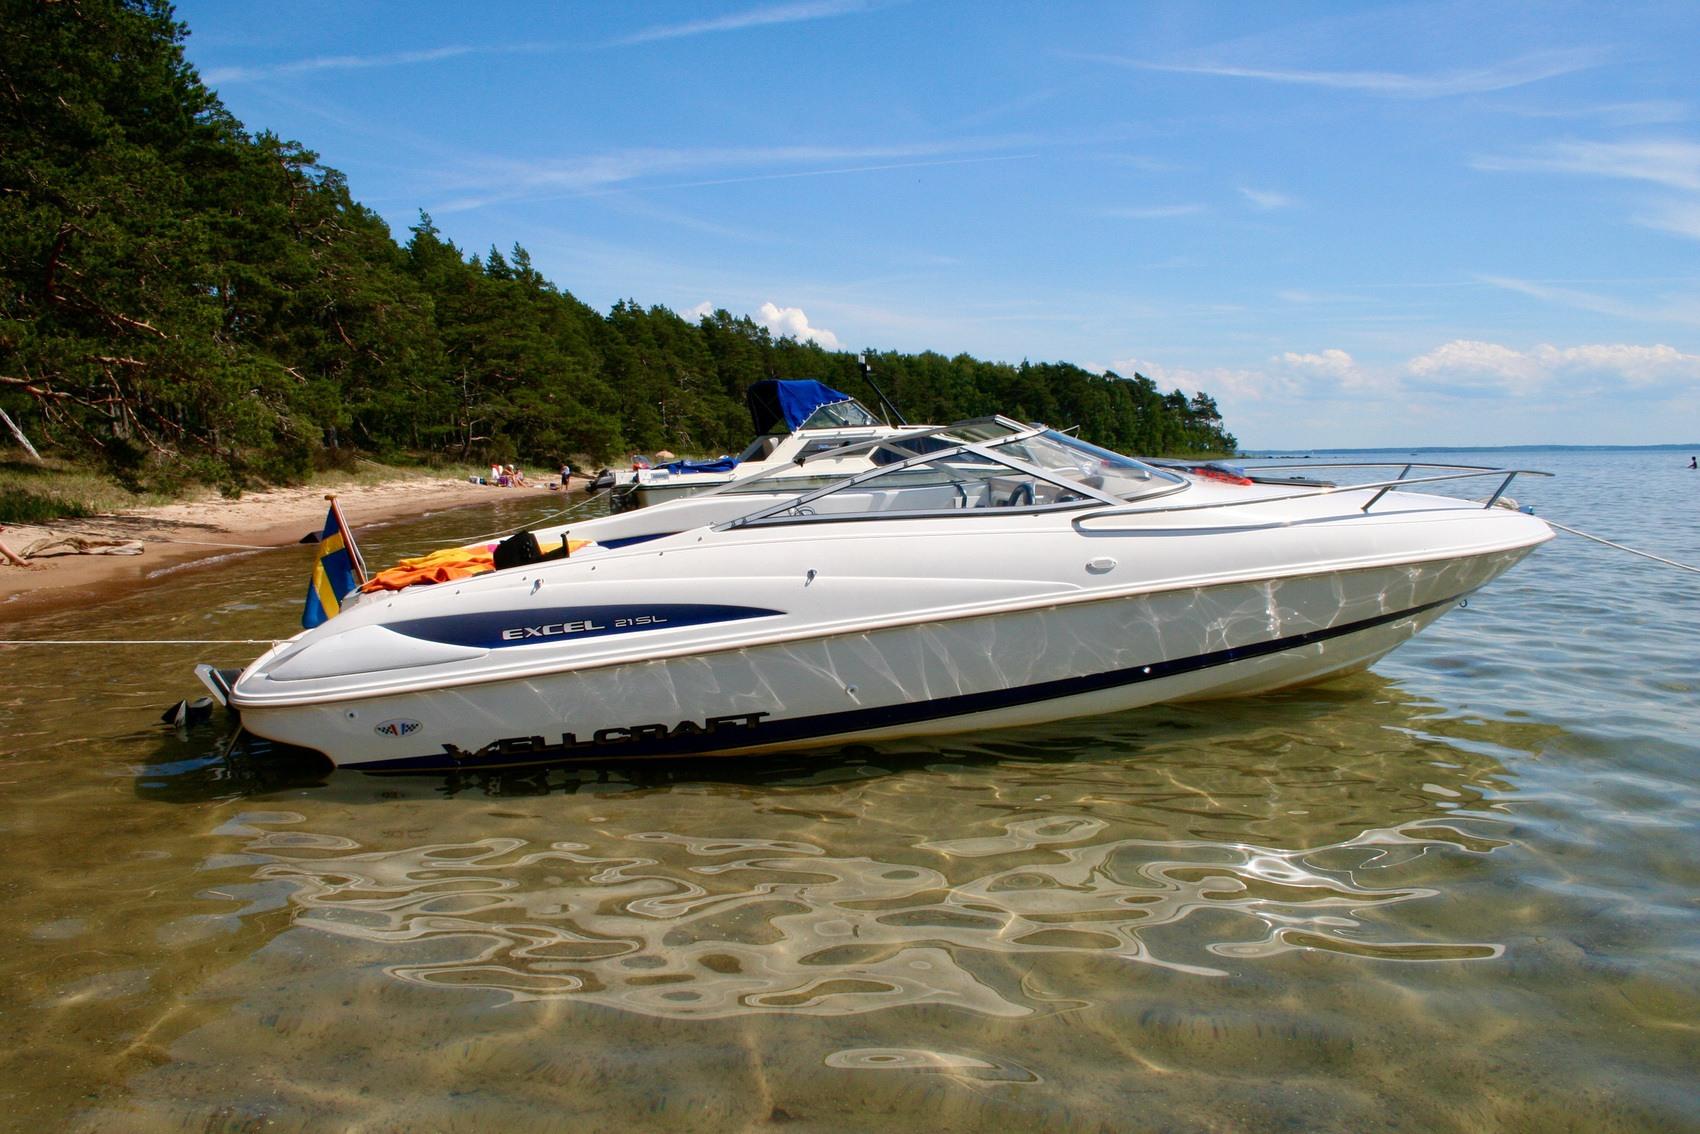 Motorbåt ligger förtöjd vid sandstrand